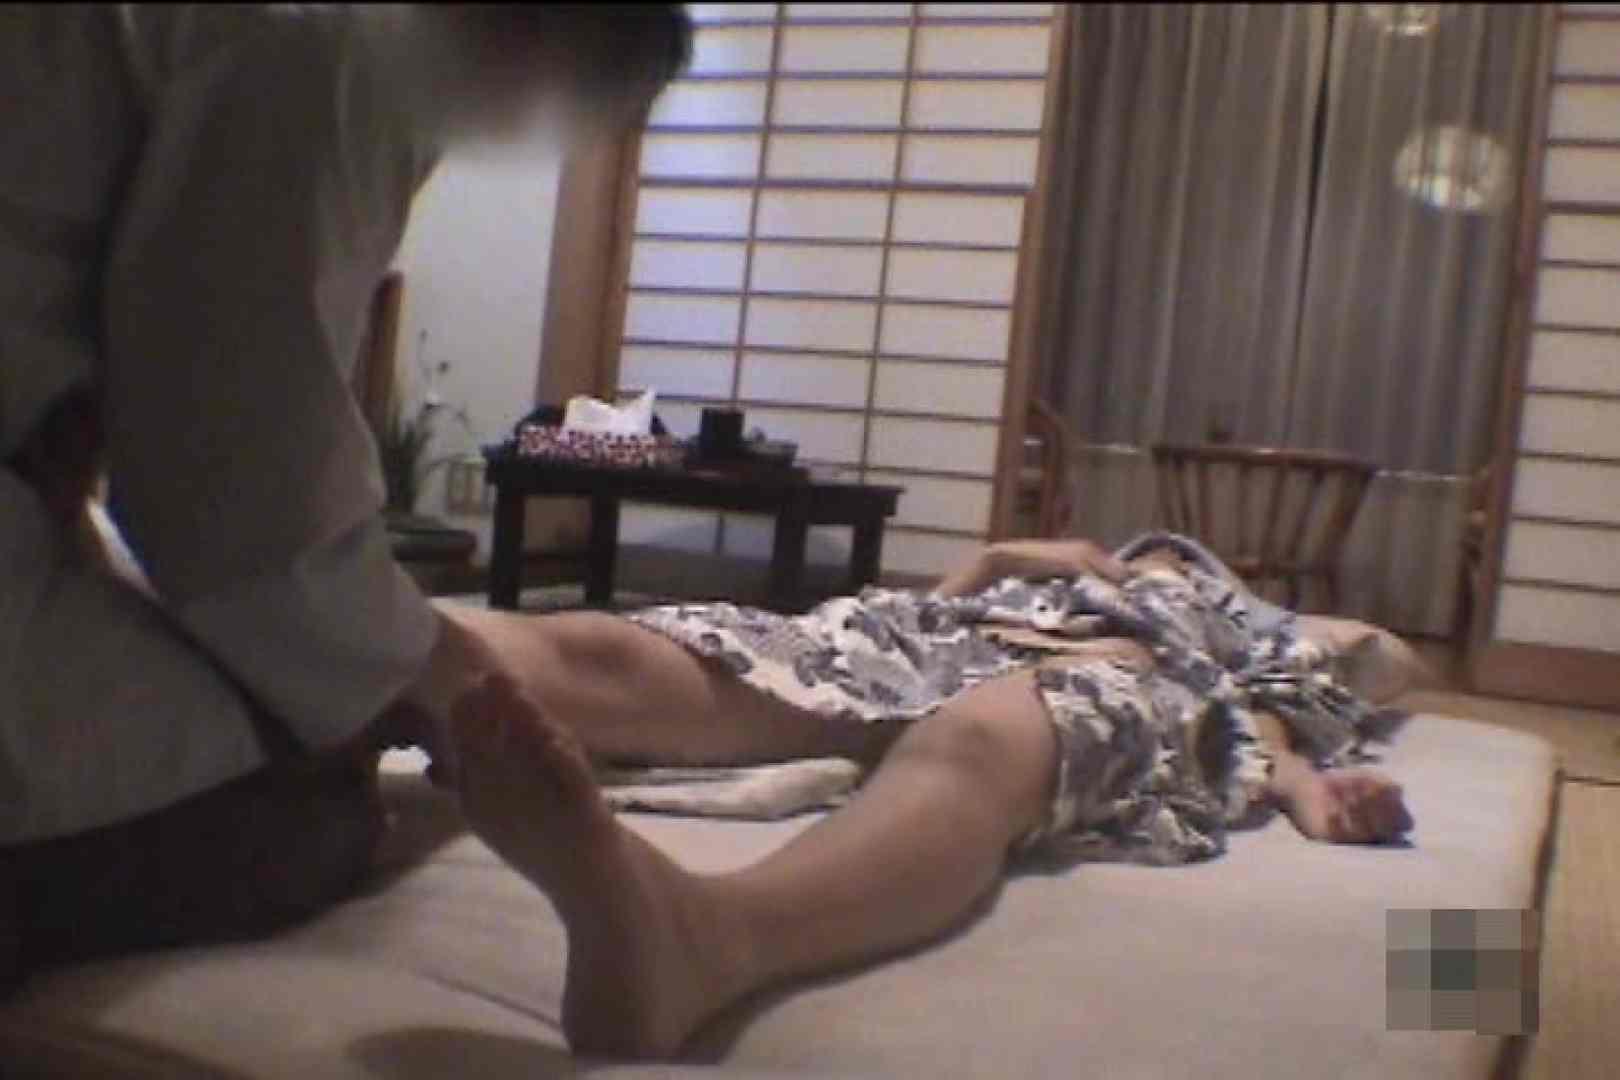 女性専用会員制風俗の実態!!Vol.4 エロティックなOL セックス画像 55画像 50